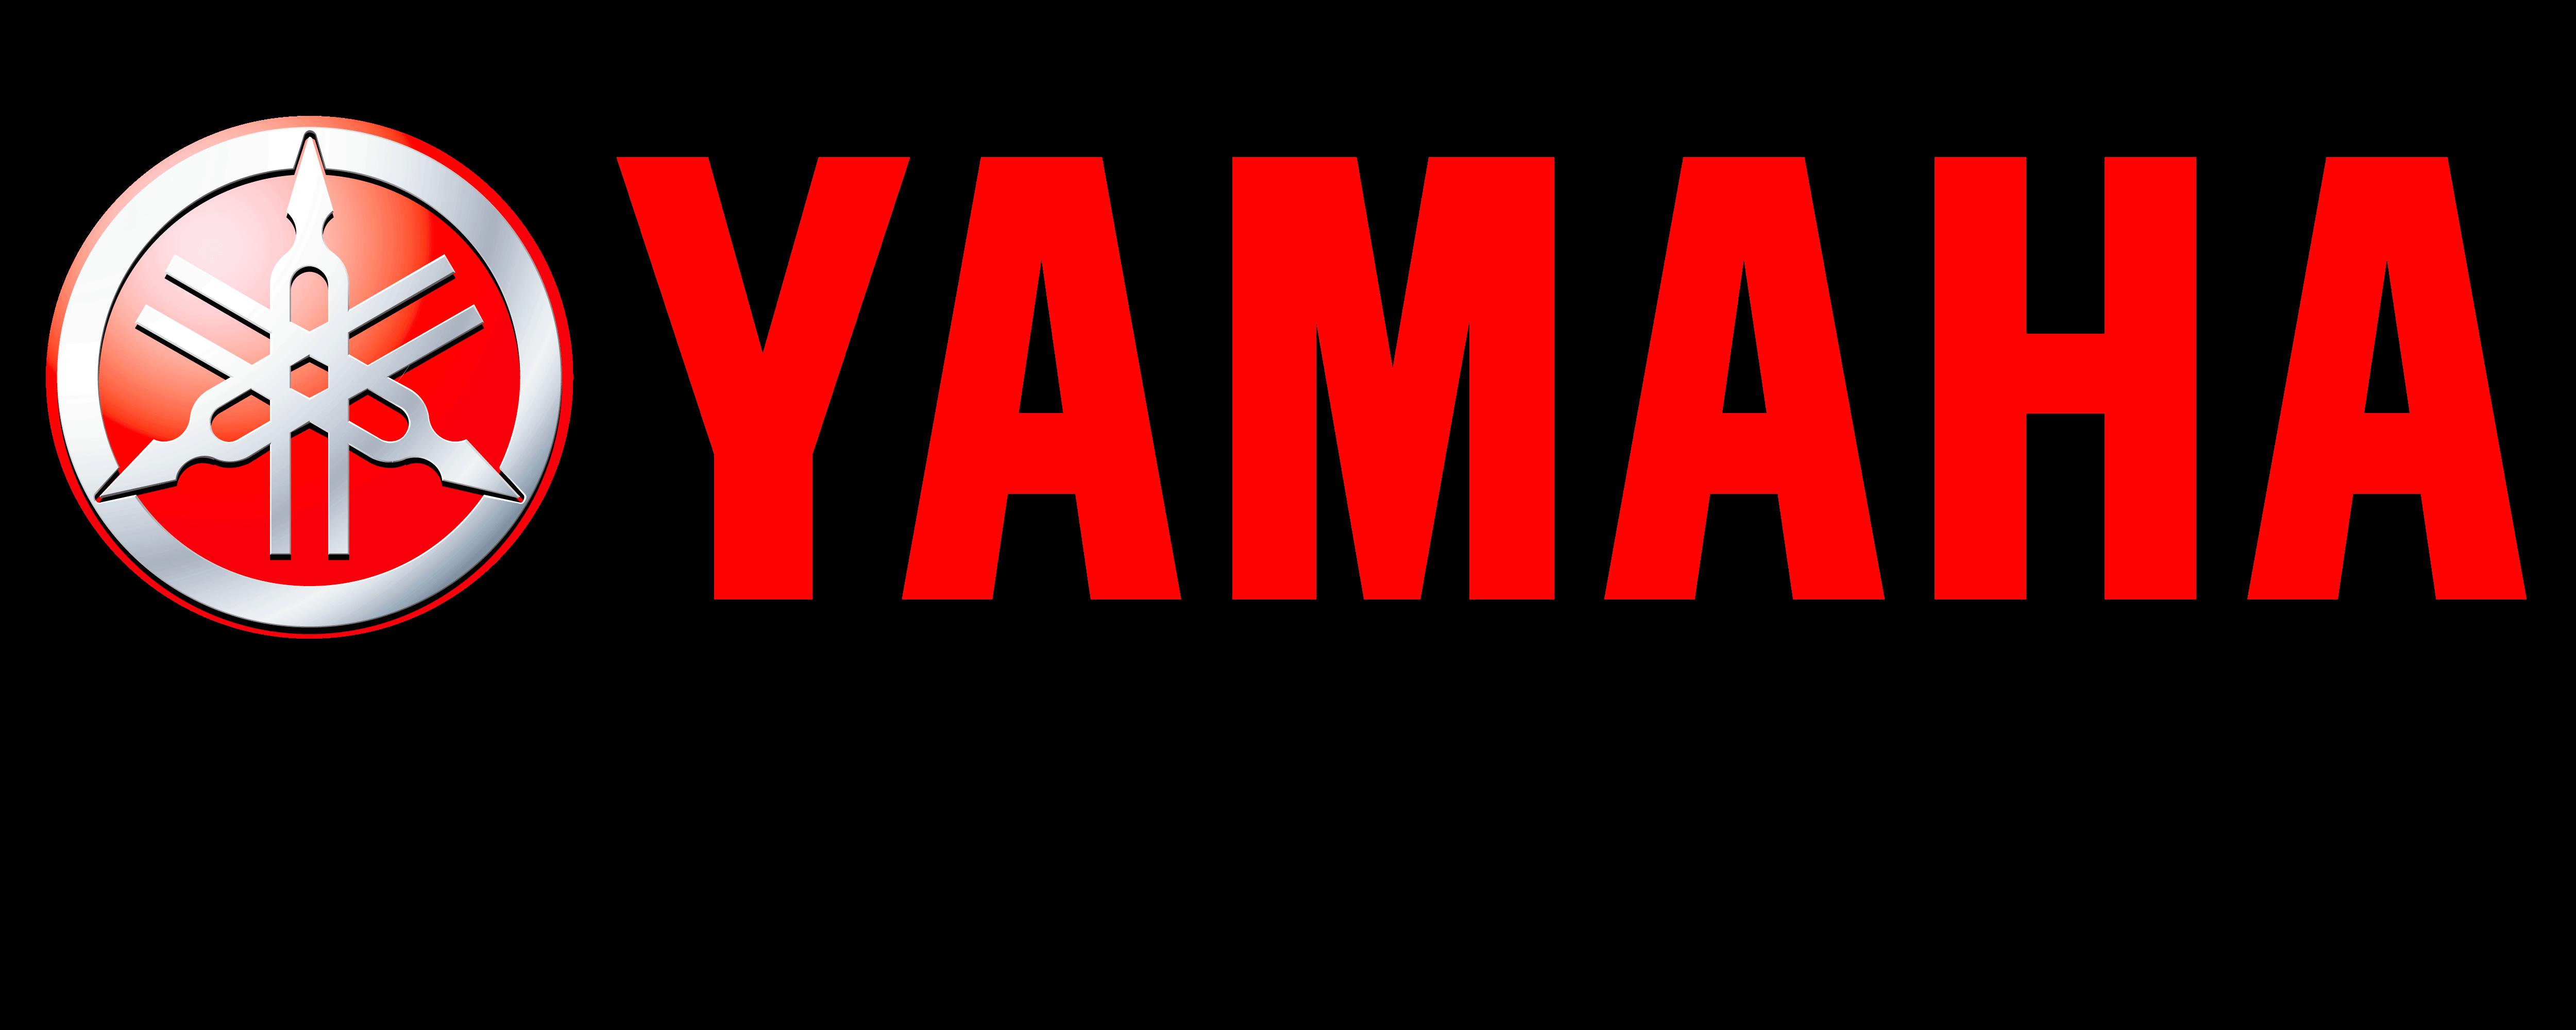 Yamaha motorcycle logo history and Meaning, bike emblem.